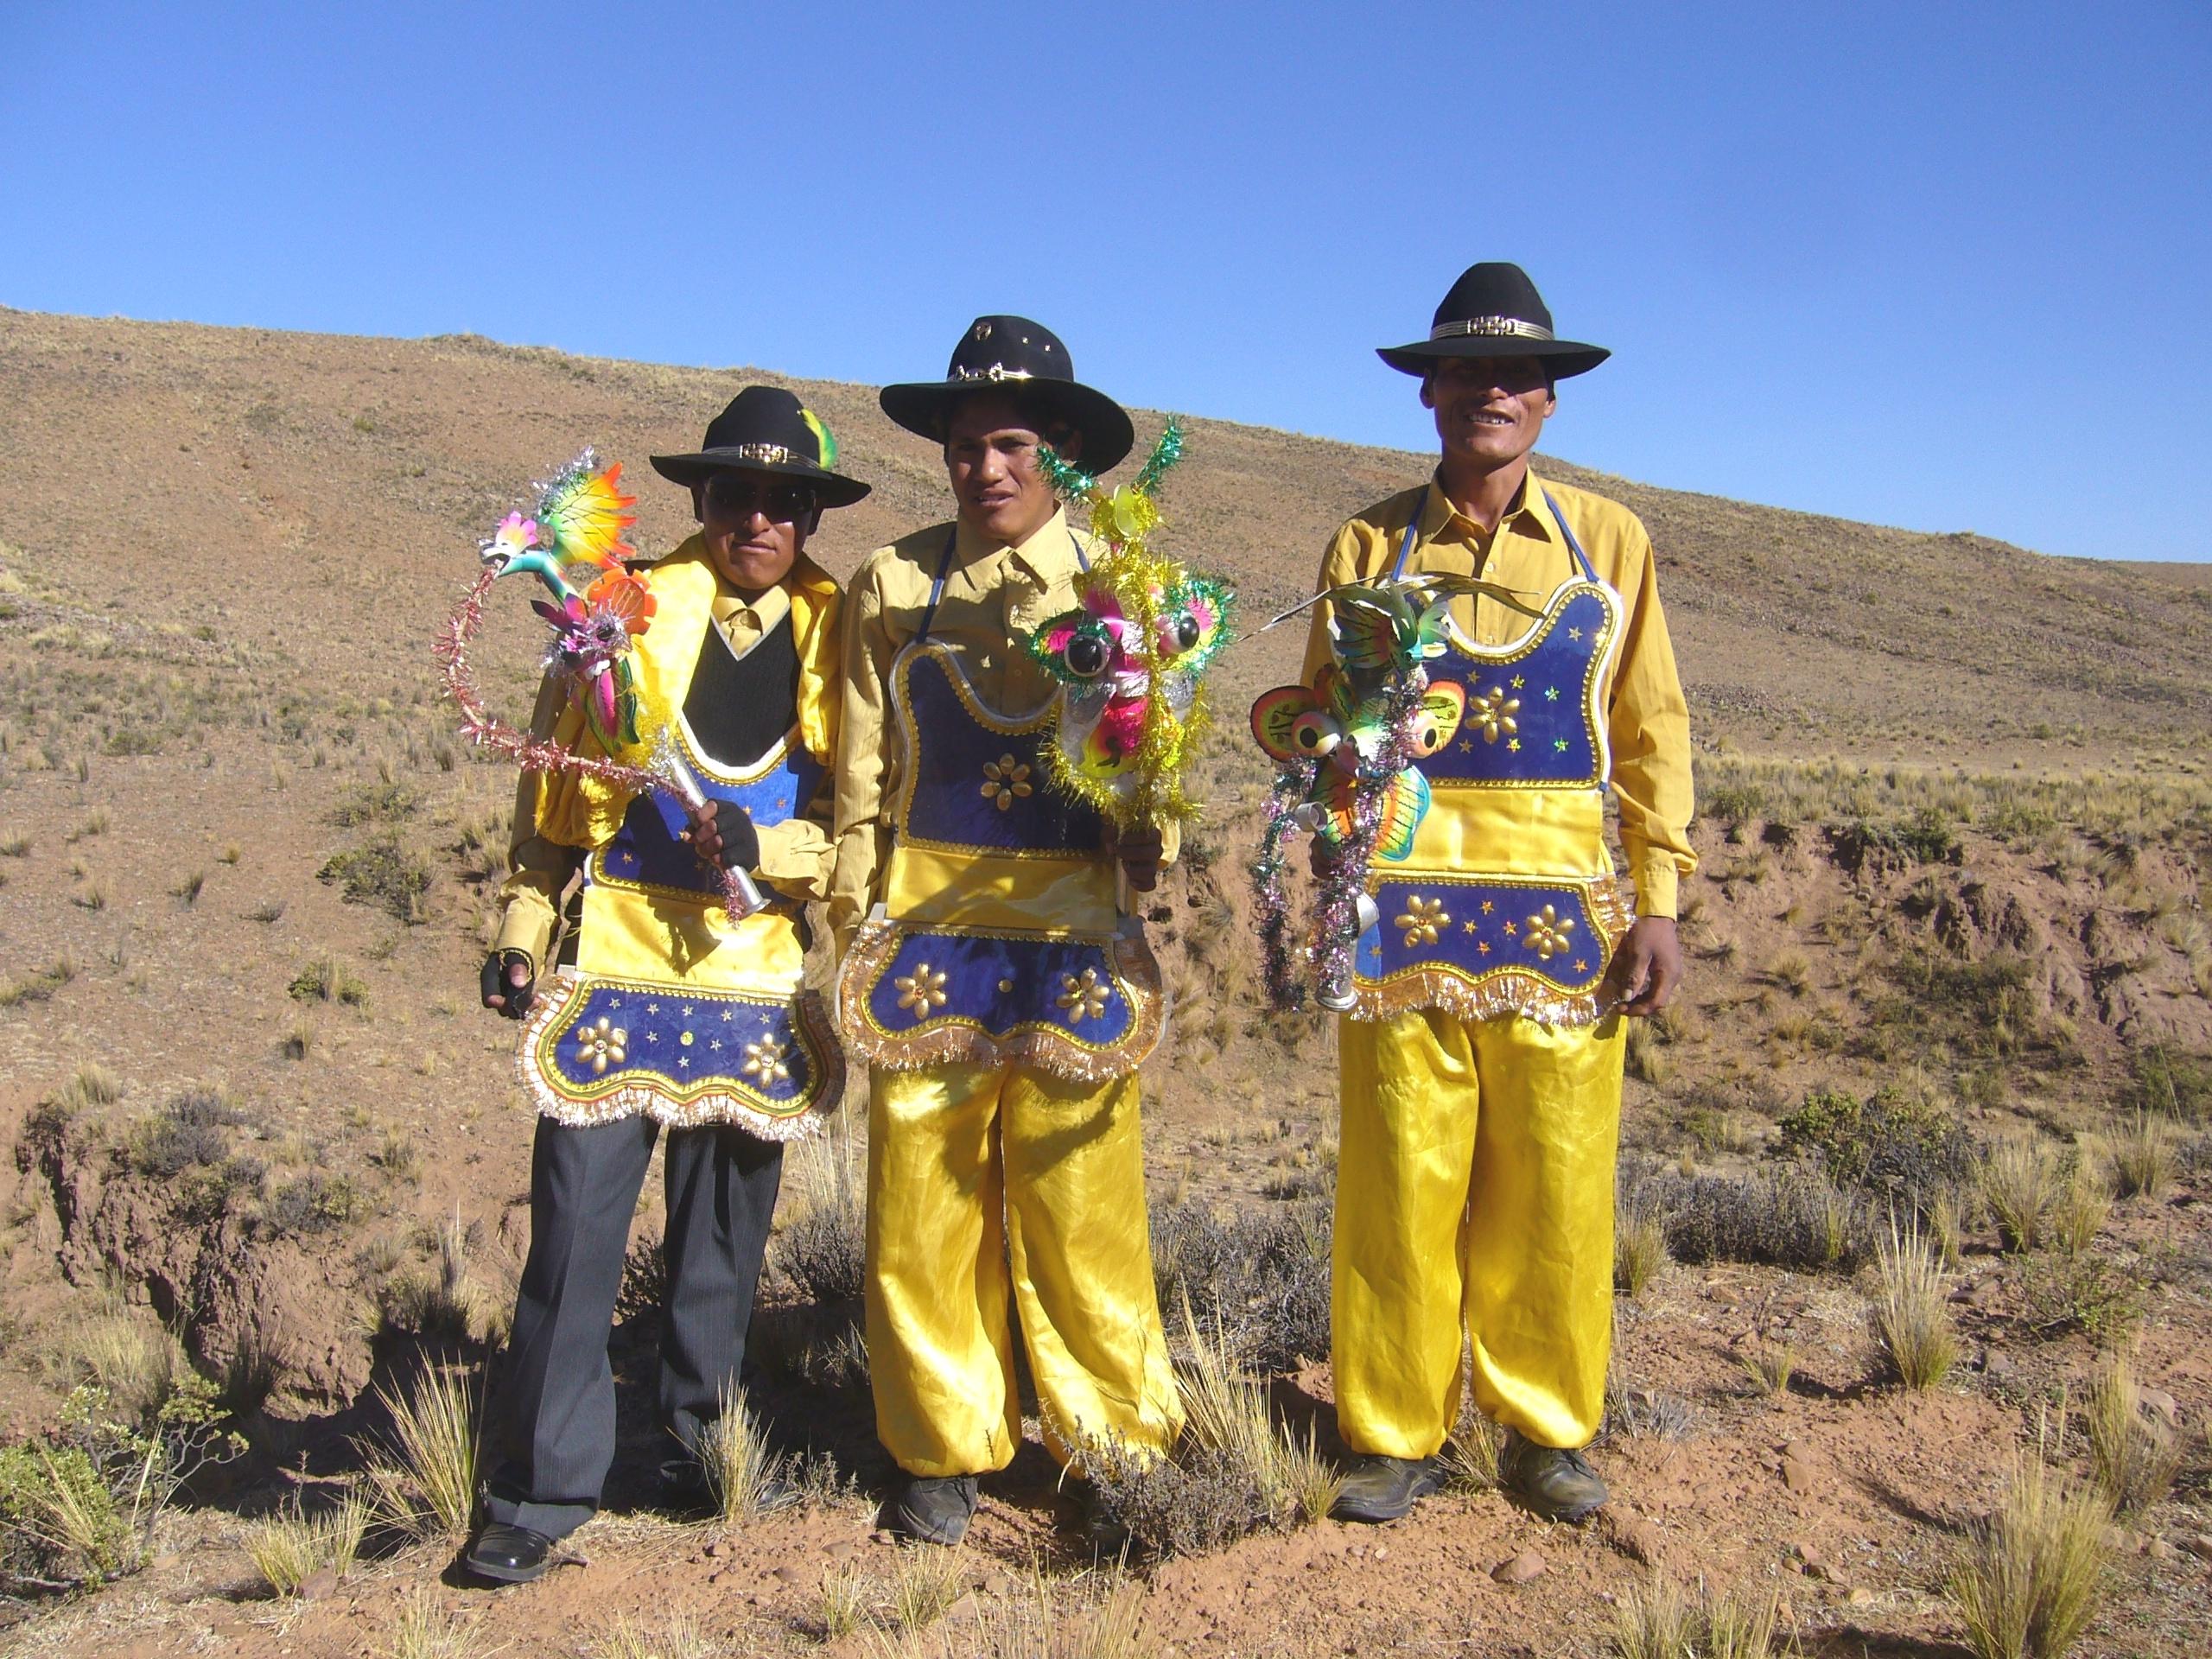 Radreise Peru 2008 - Besuch an meinem Zeltplatz